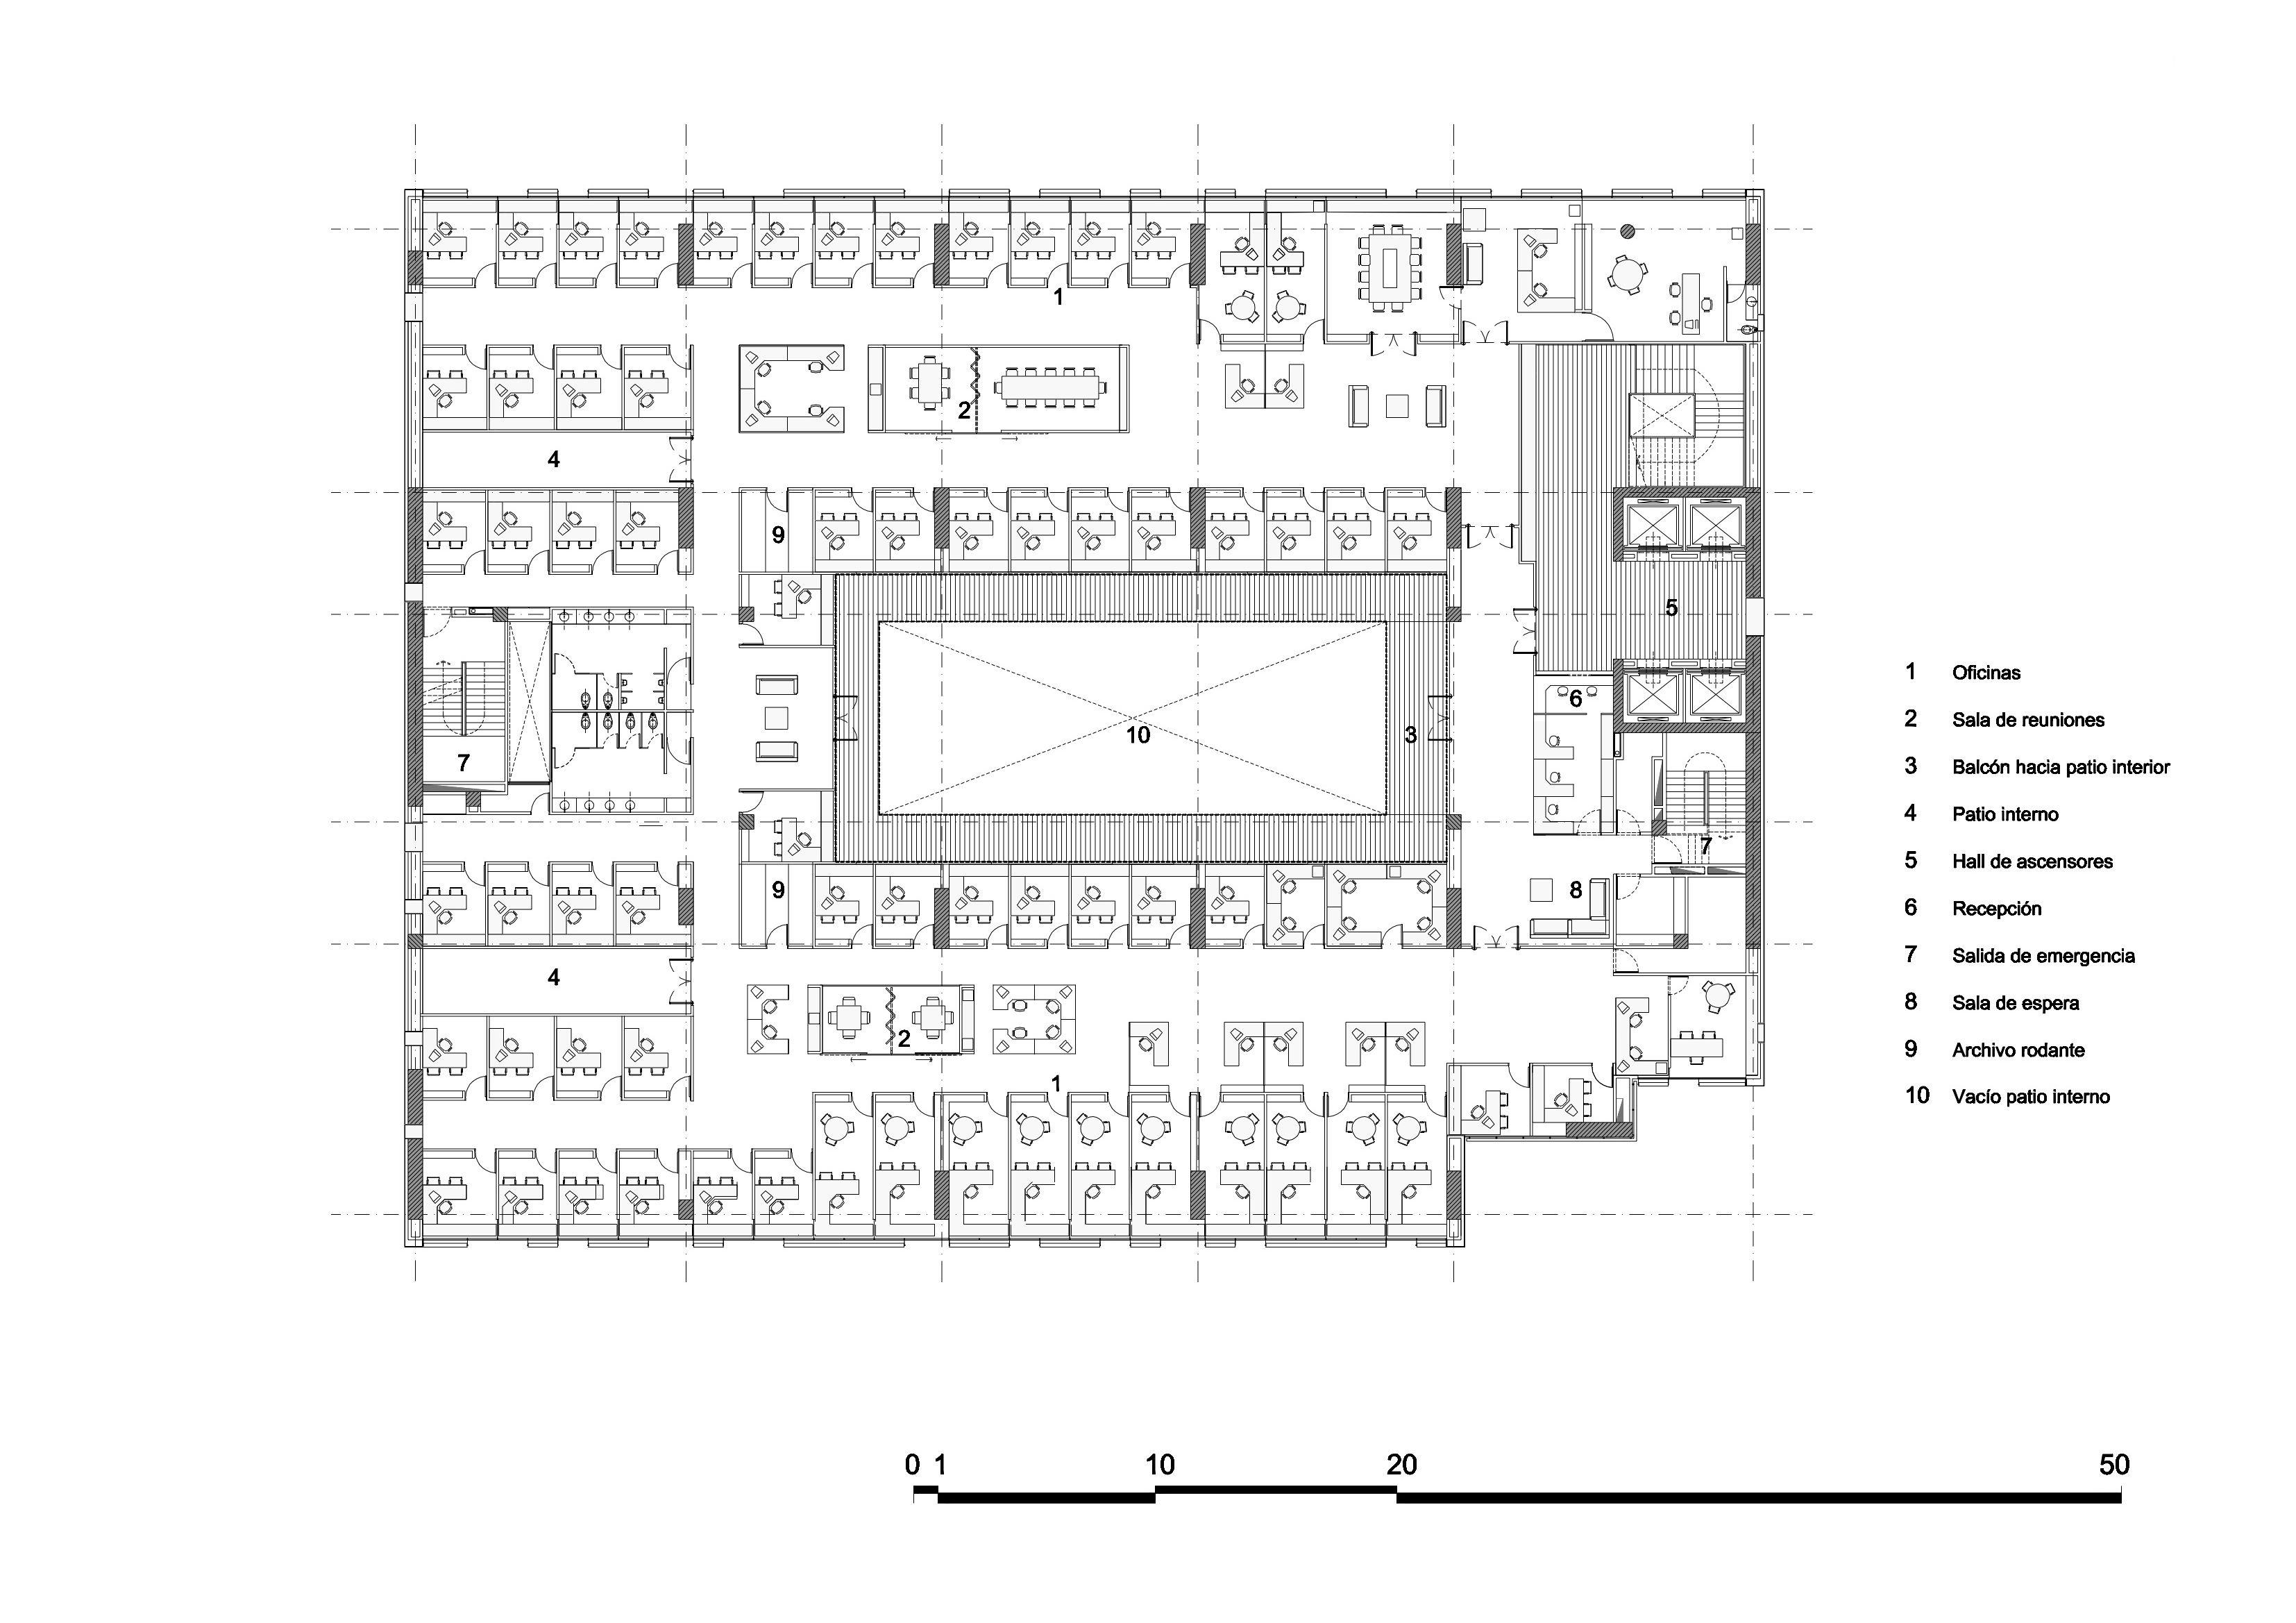 Galeria de Edifício Julio Mario Santo Domingo / Daniel Bonilla Arquitectos - 17